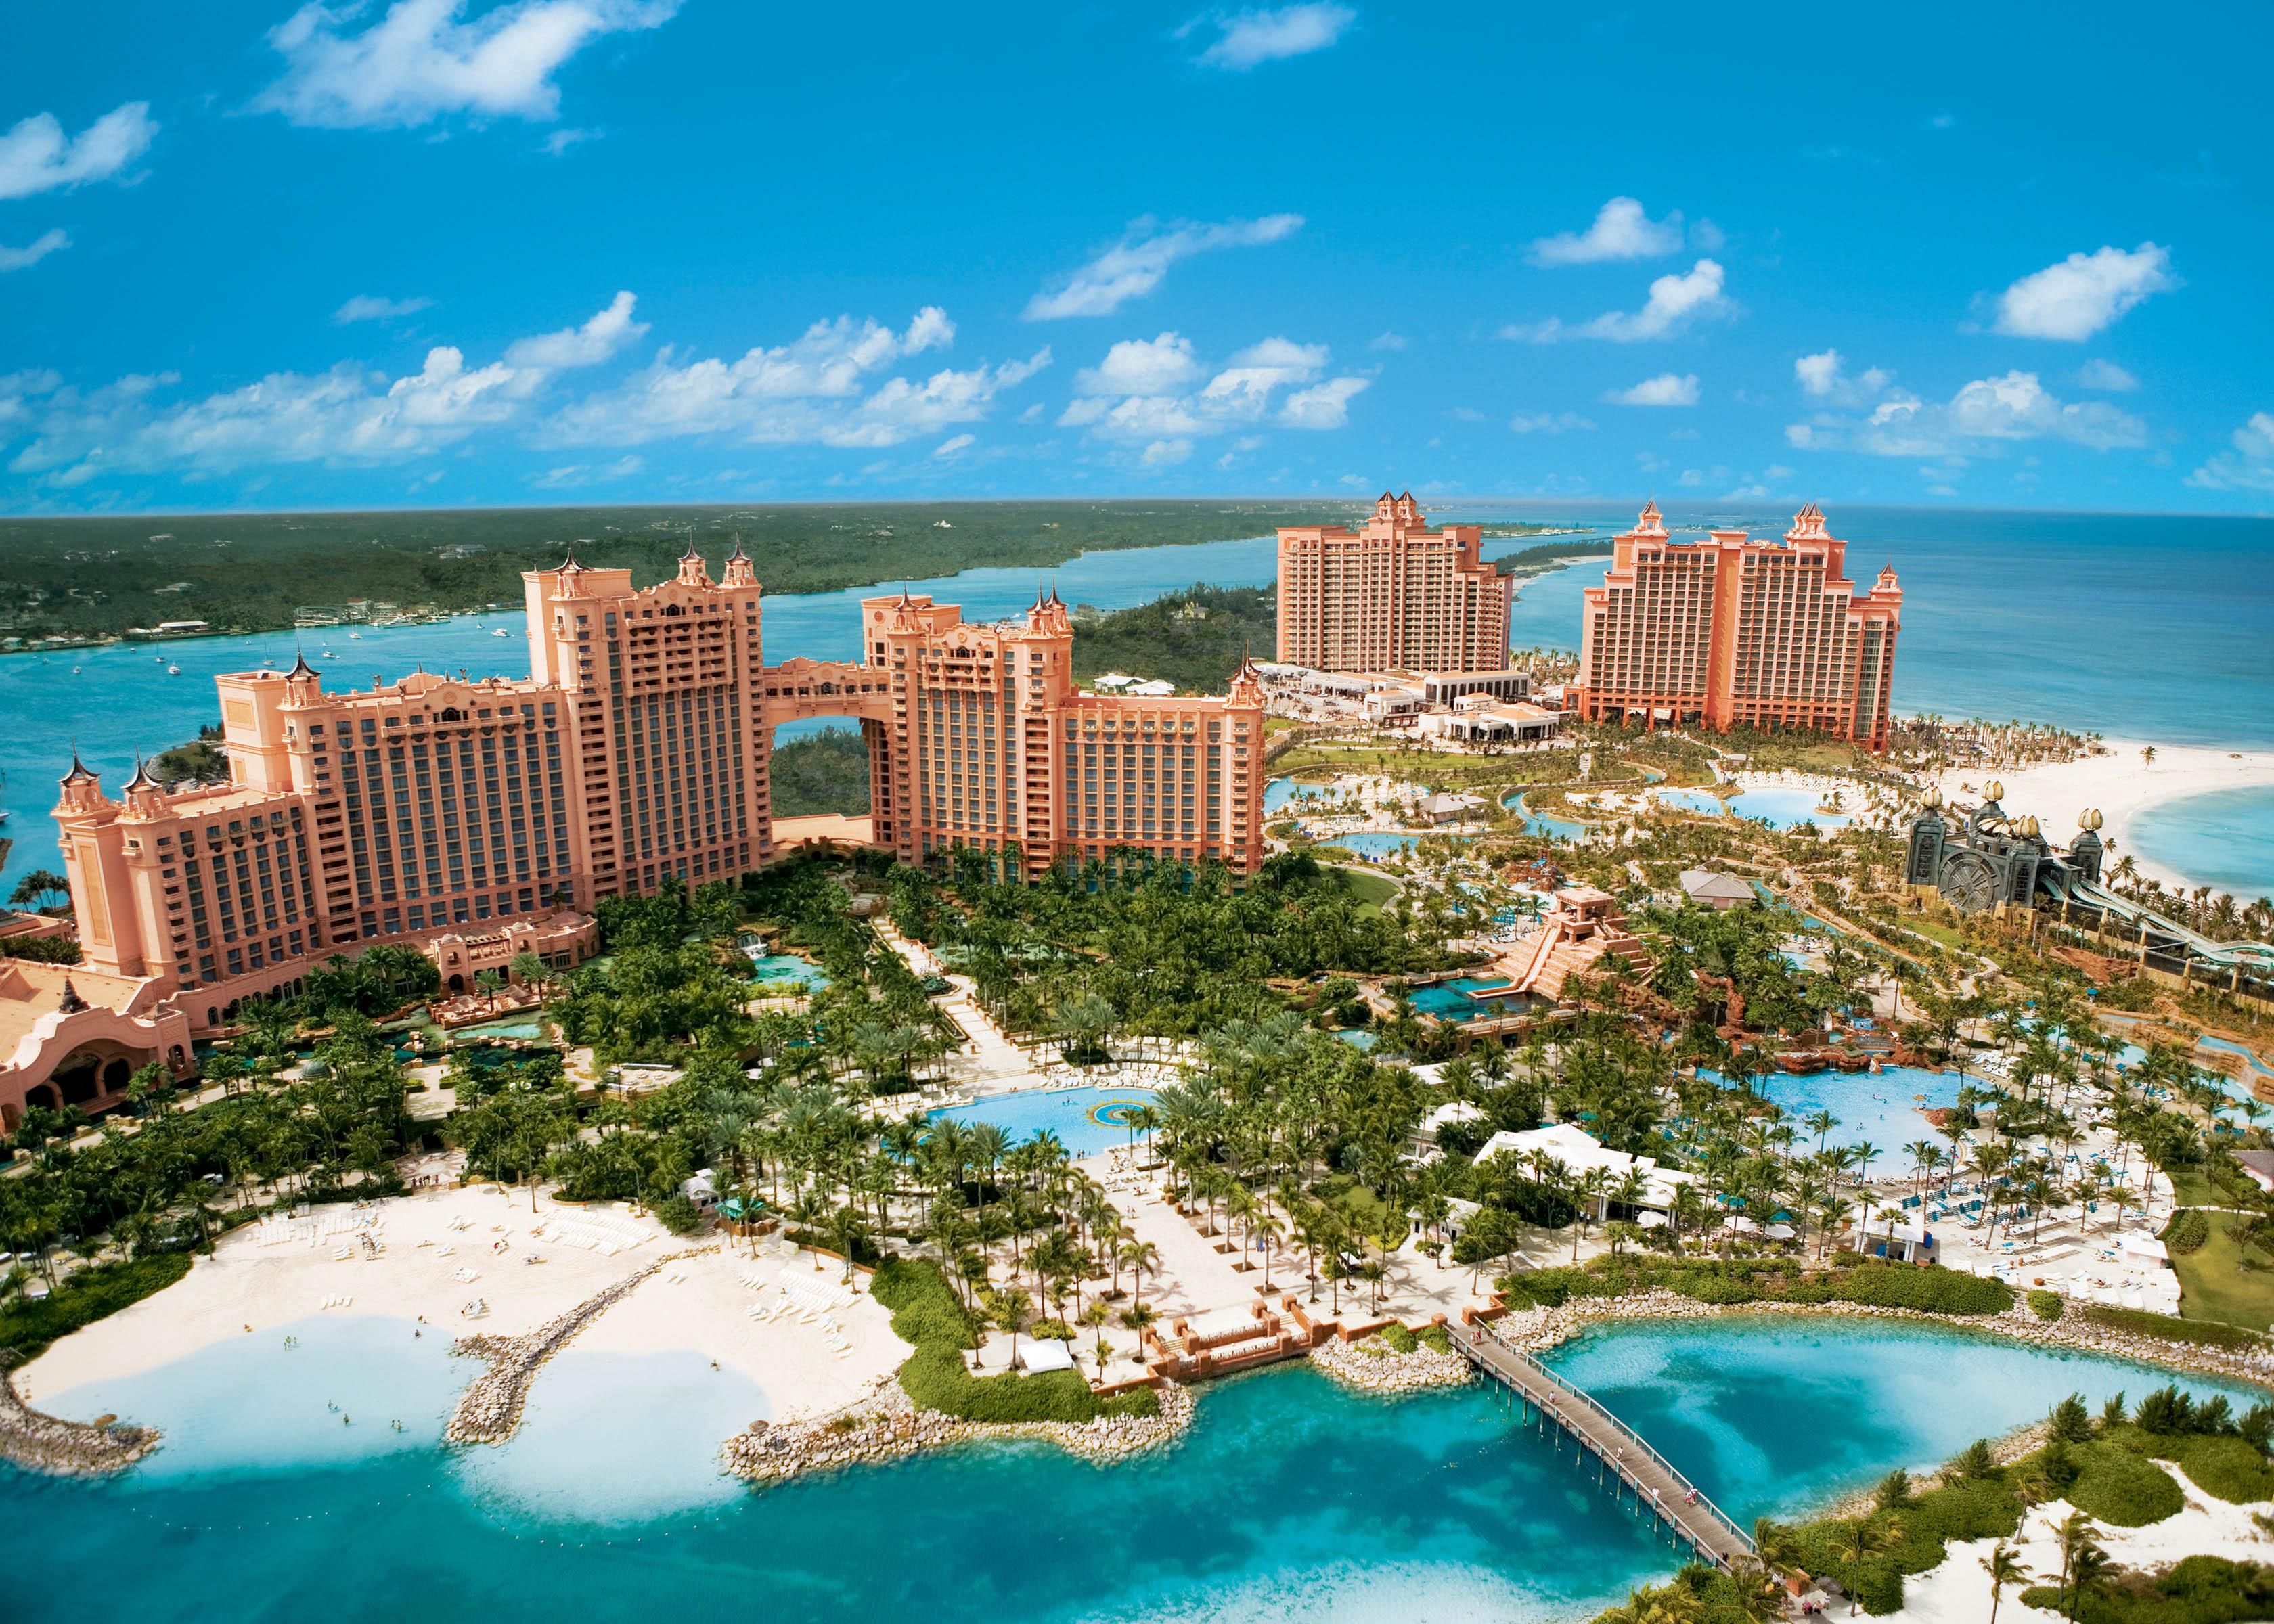 Bahamas, Atlantis, море, отель обои скачать